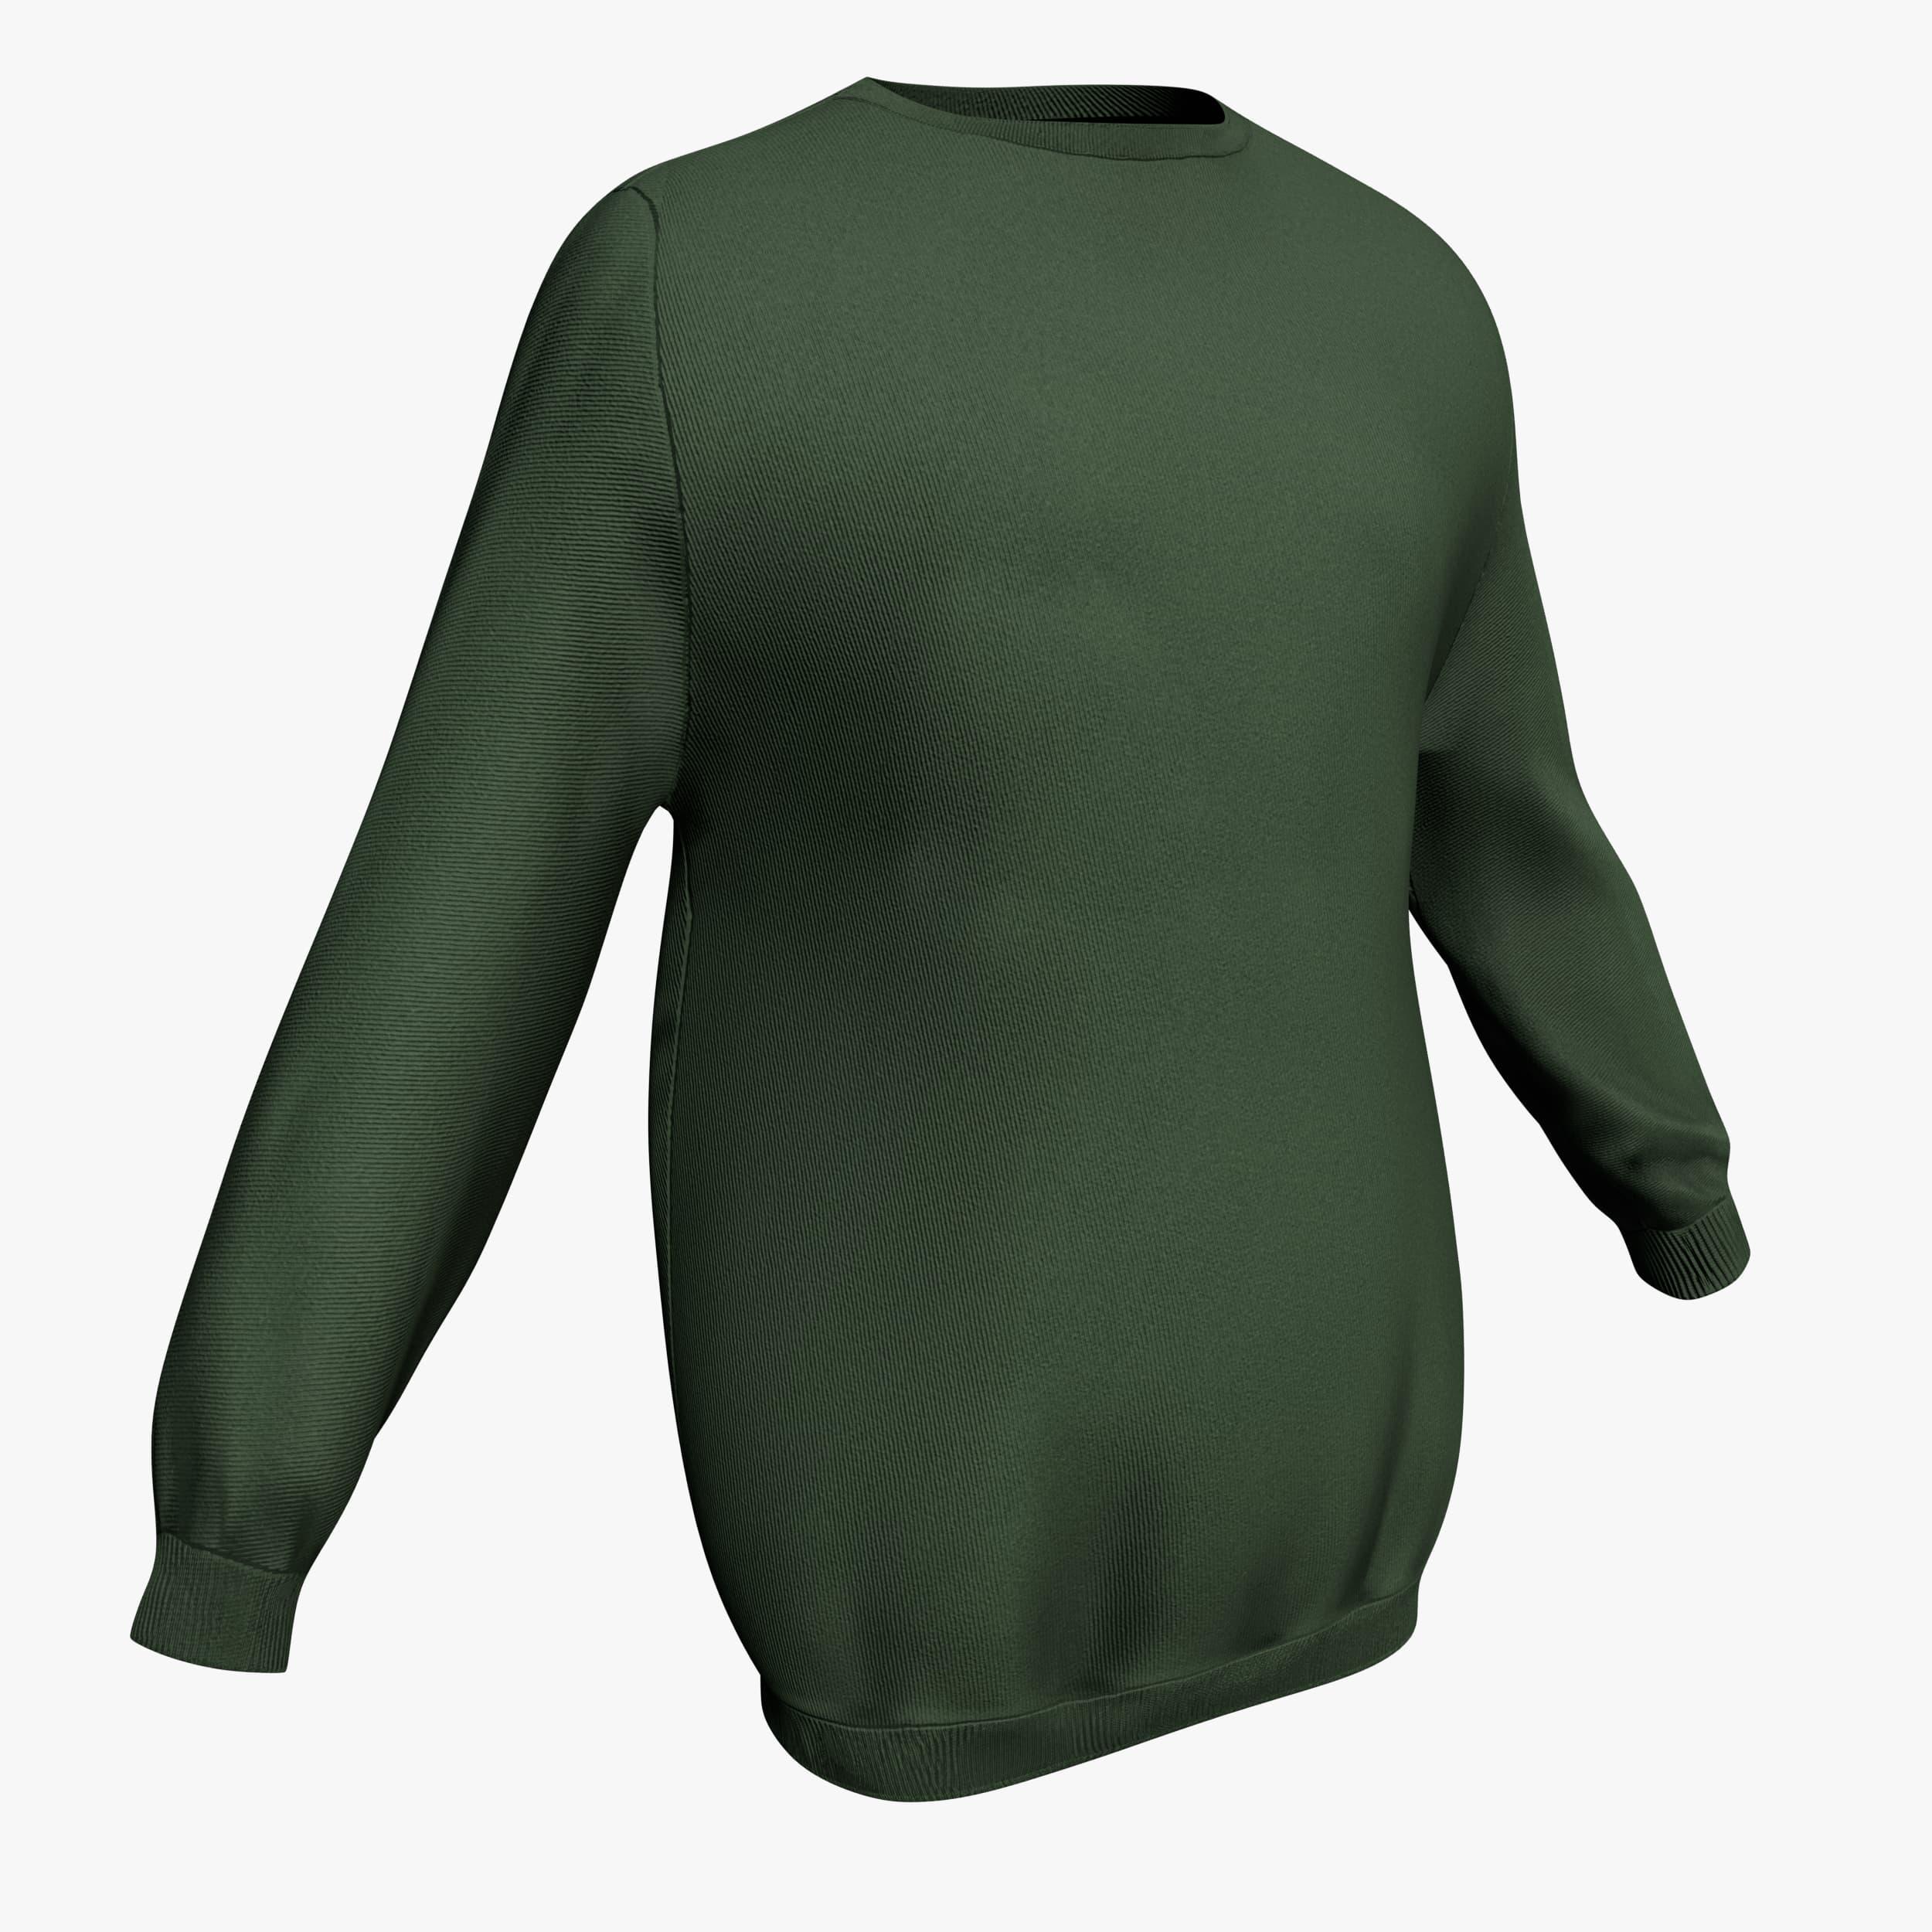 shirt sweatshirt sweats max